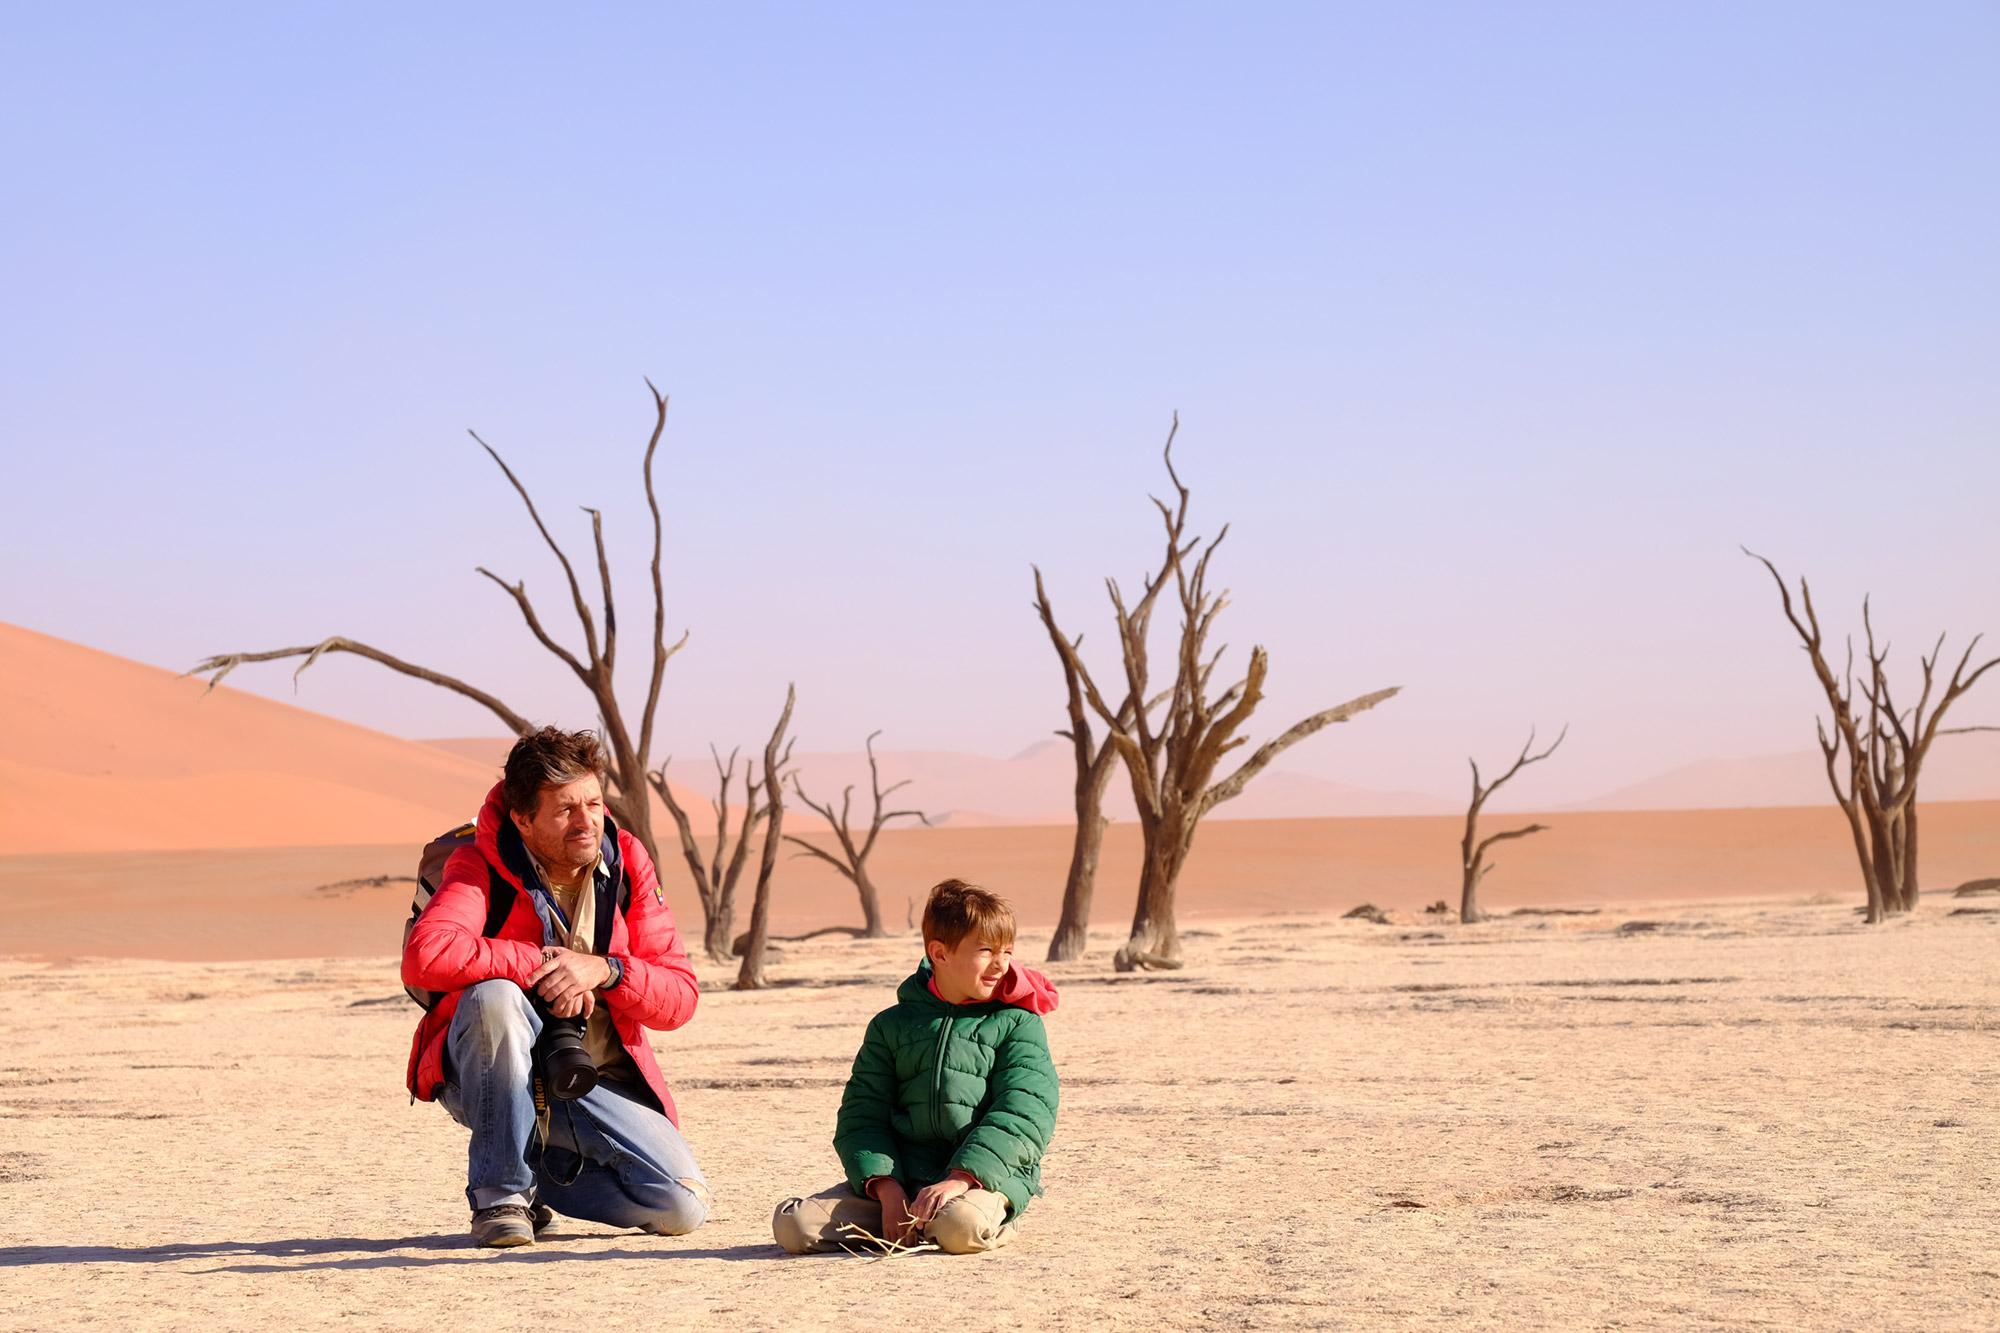 Con Lucca en Deadvlei Namibia